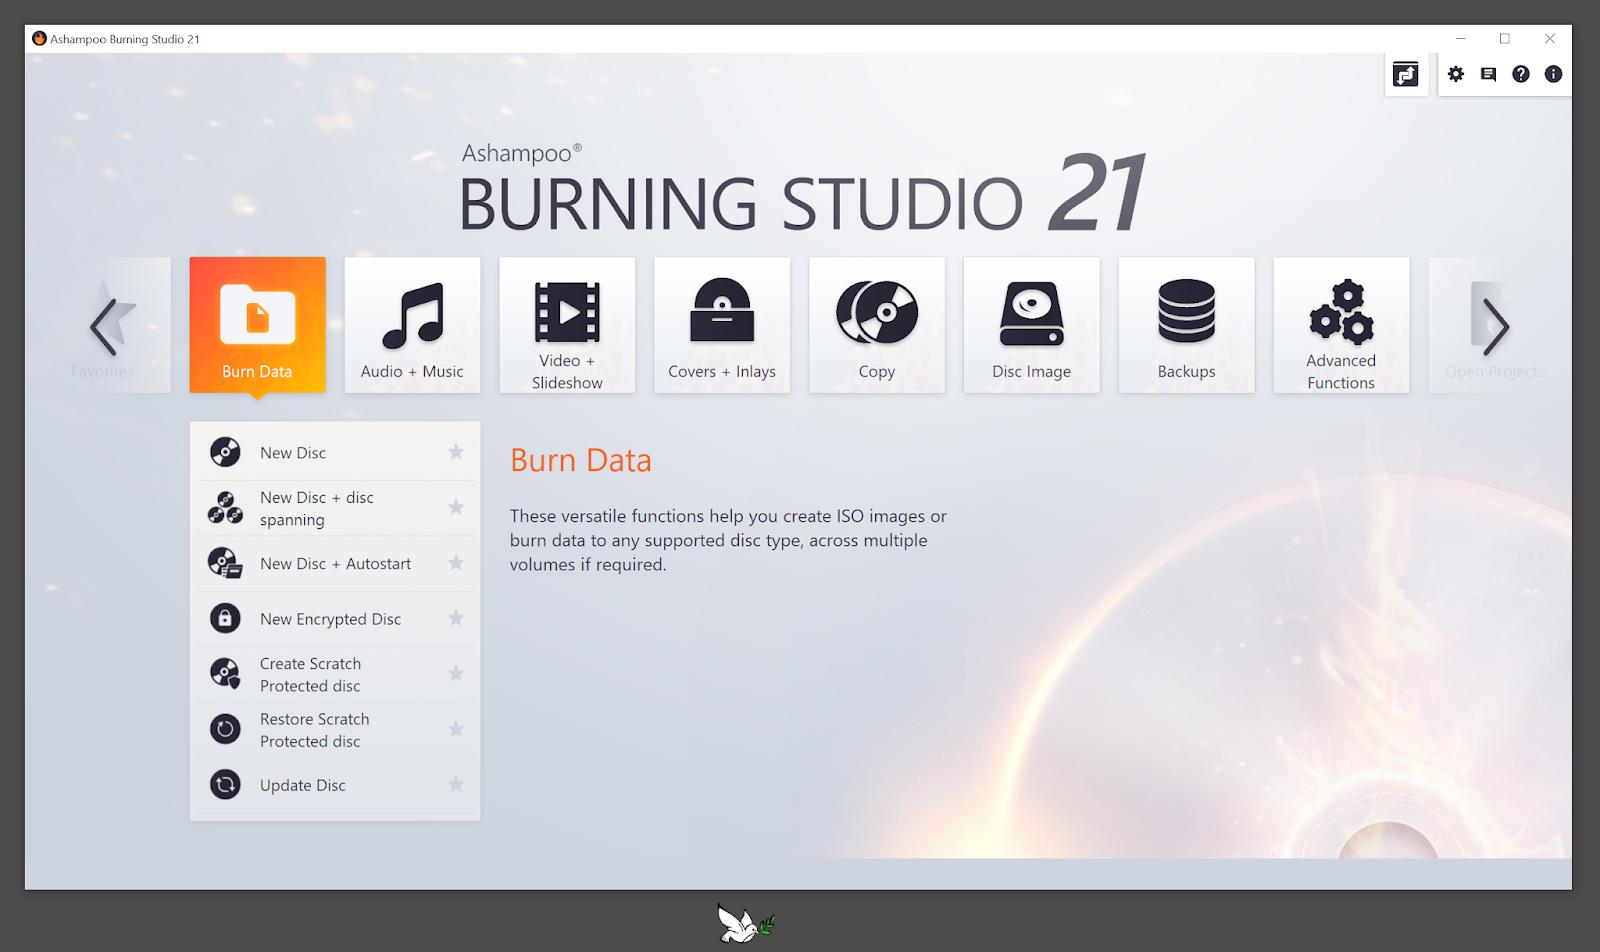 تحميل برنامج Ashampoo Burning Studio 21.0.0.33 كامل بالتفعيل